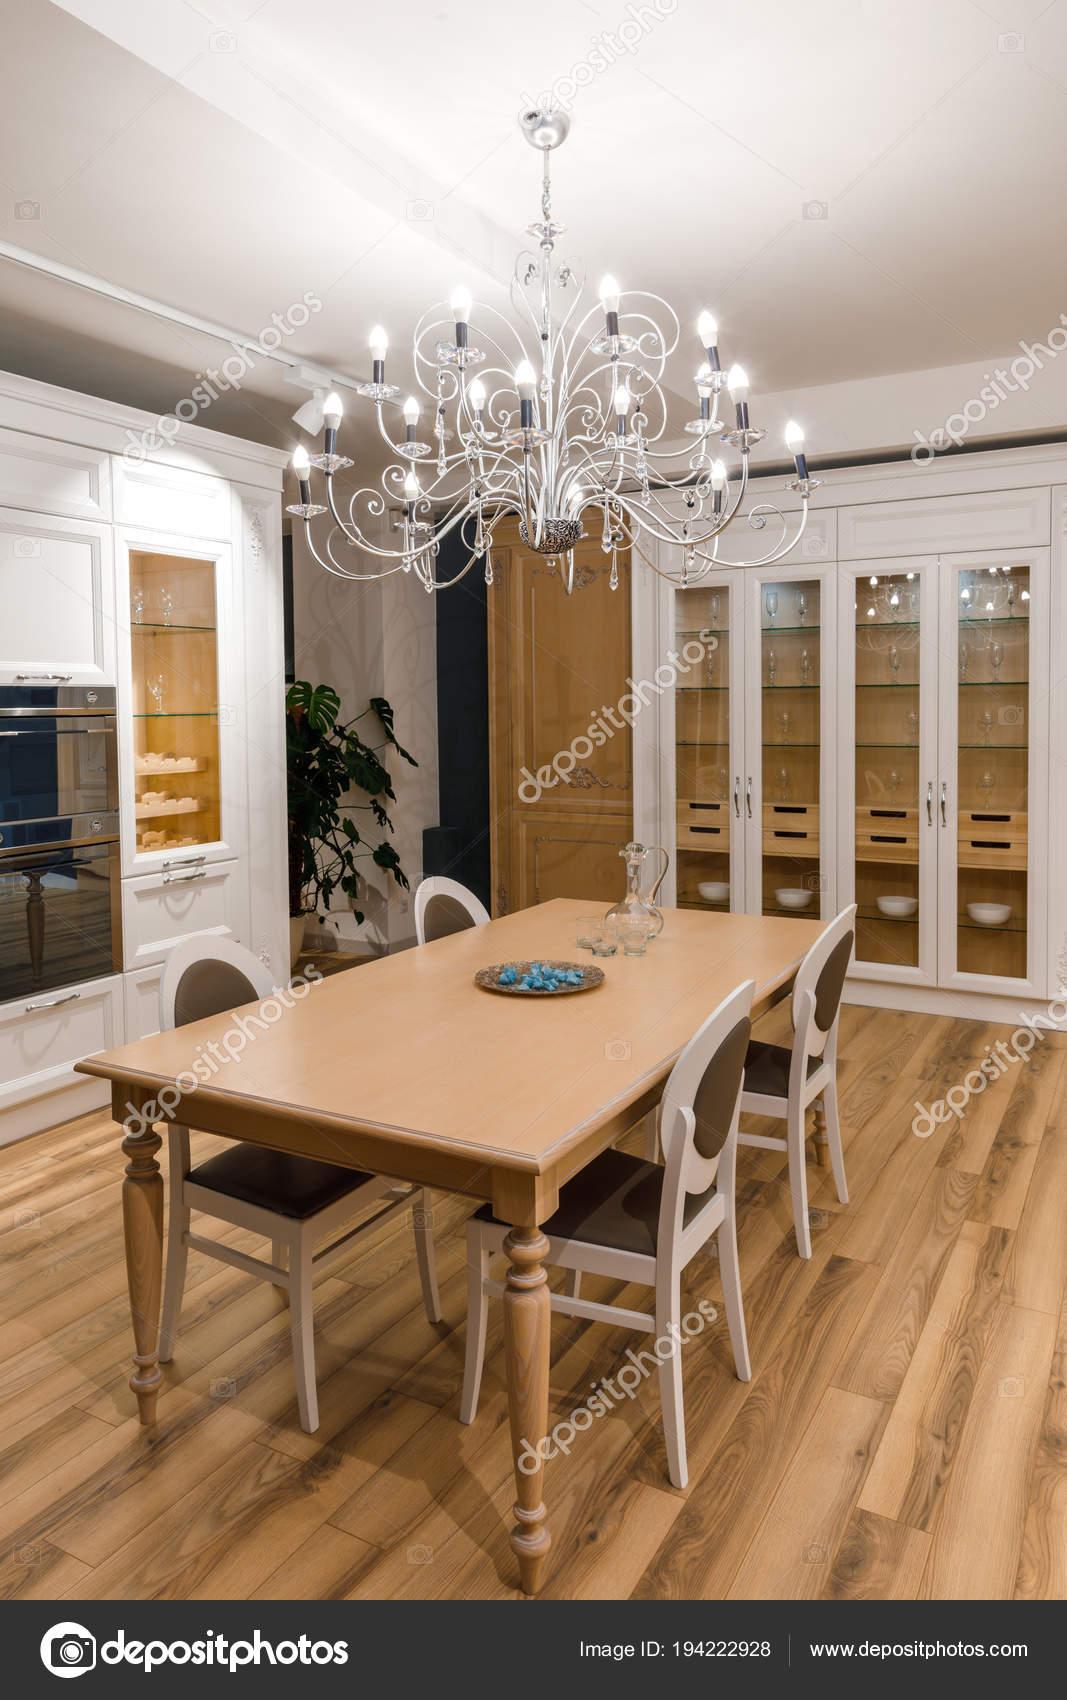 Stilvolle Küche Mit Eleganter Holztisch Und Kronleuchter U2014 Stockfoto